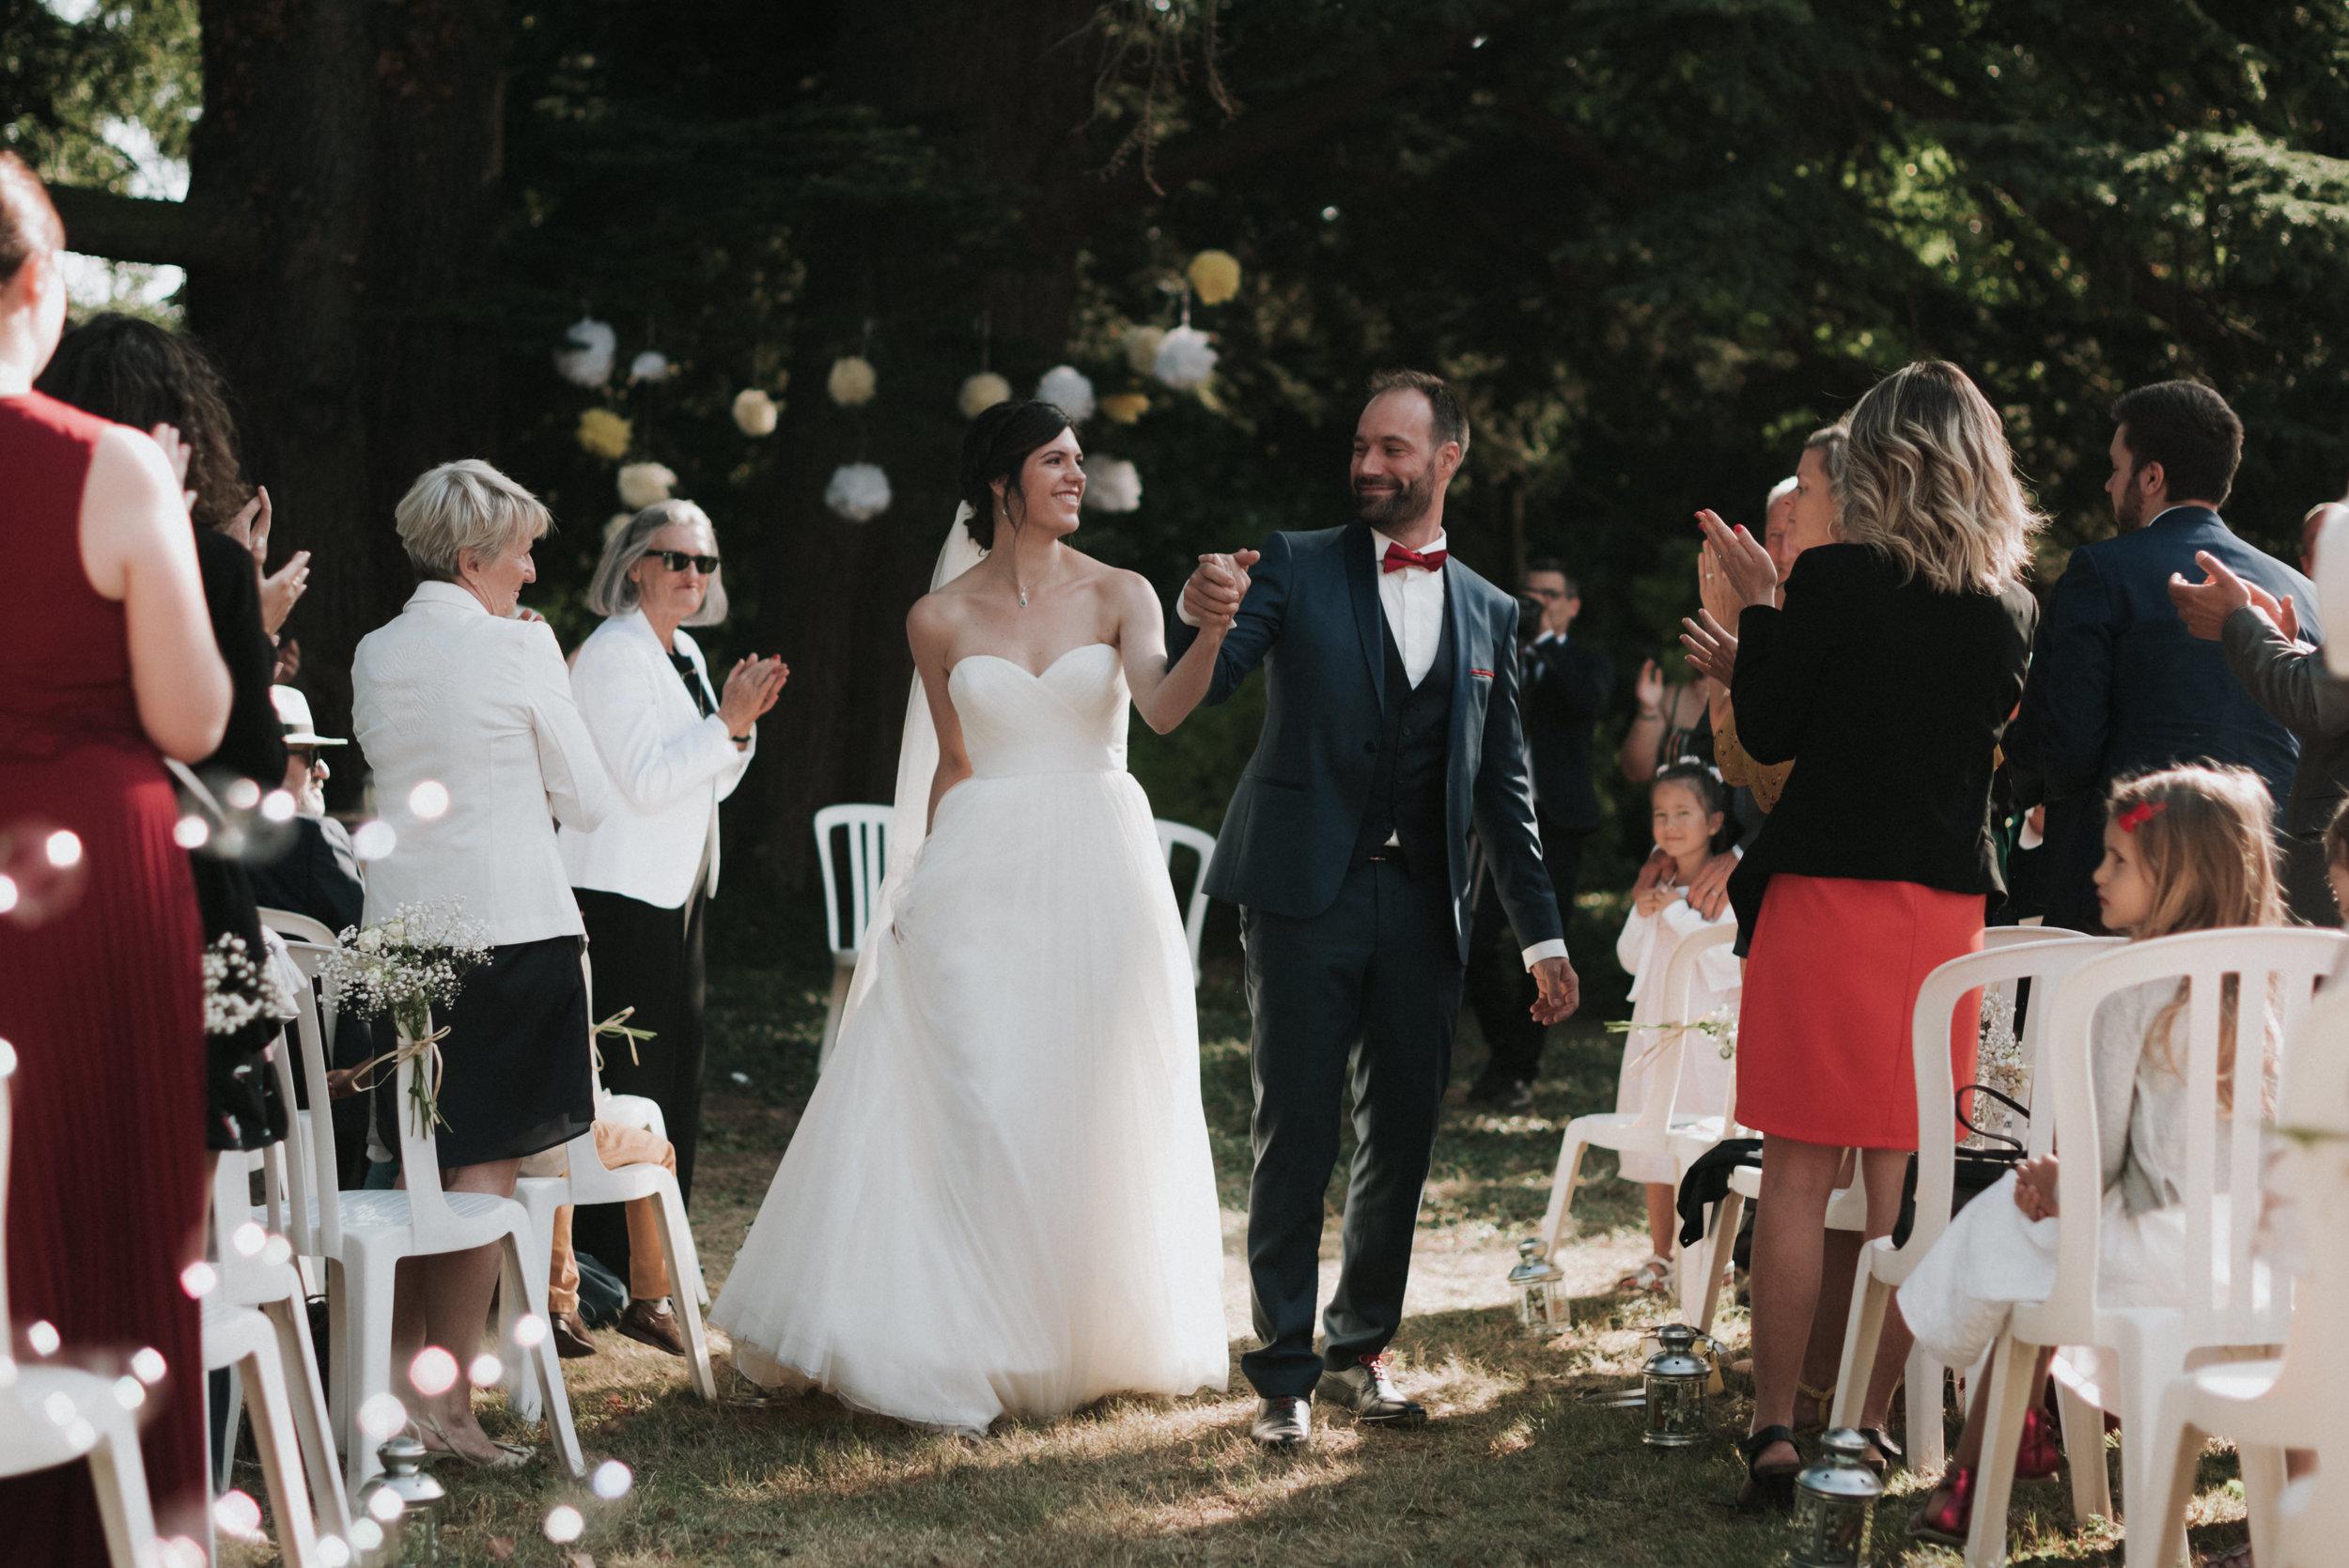 Léa-Fery-photographe-professionnel-lyon-rhone-alpes-portrait-creation-mariage-evenement-evenementiel-famille-9116.jpg